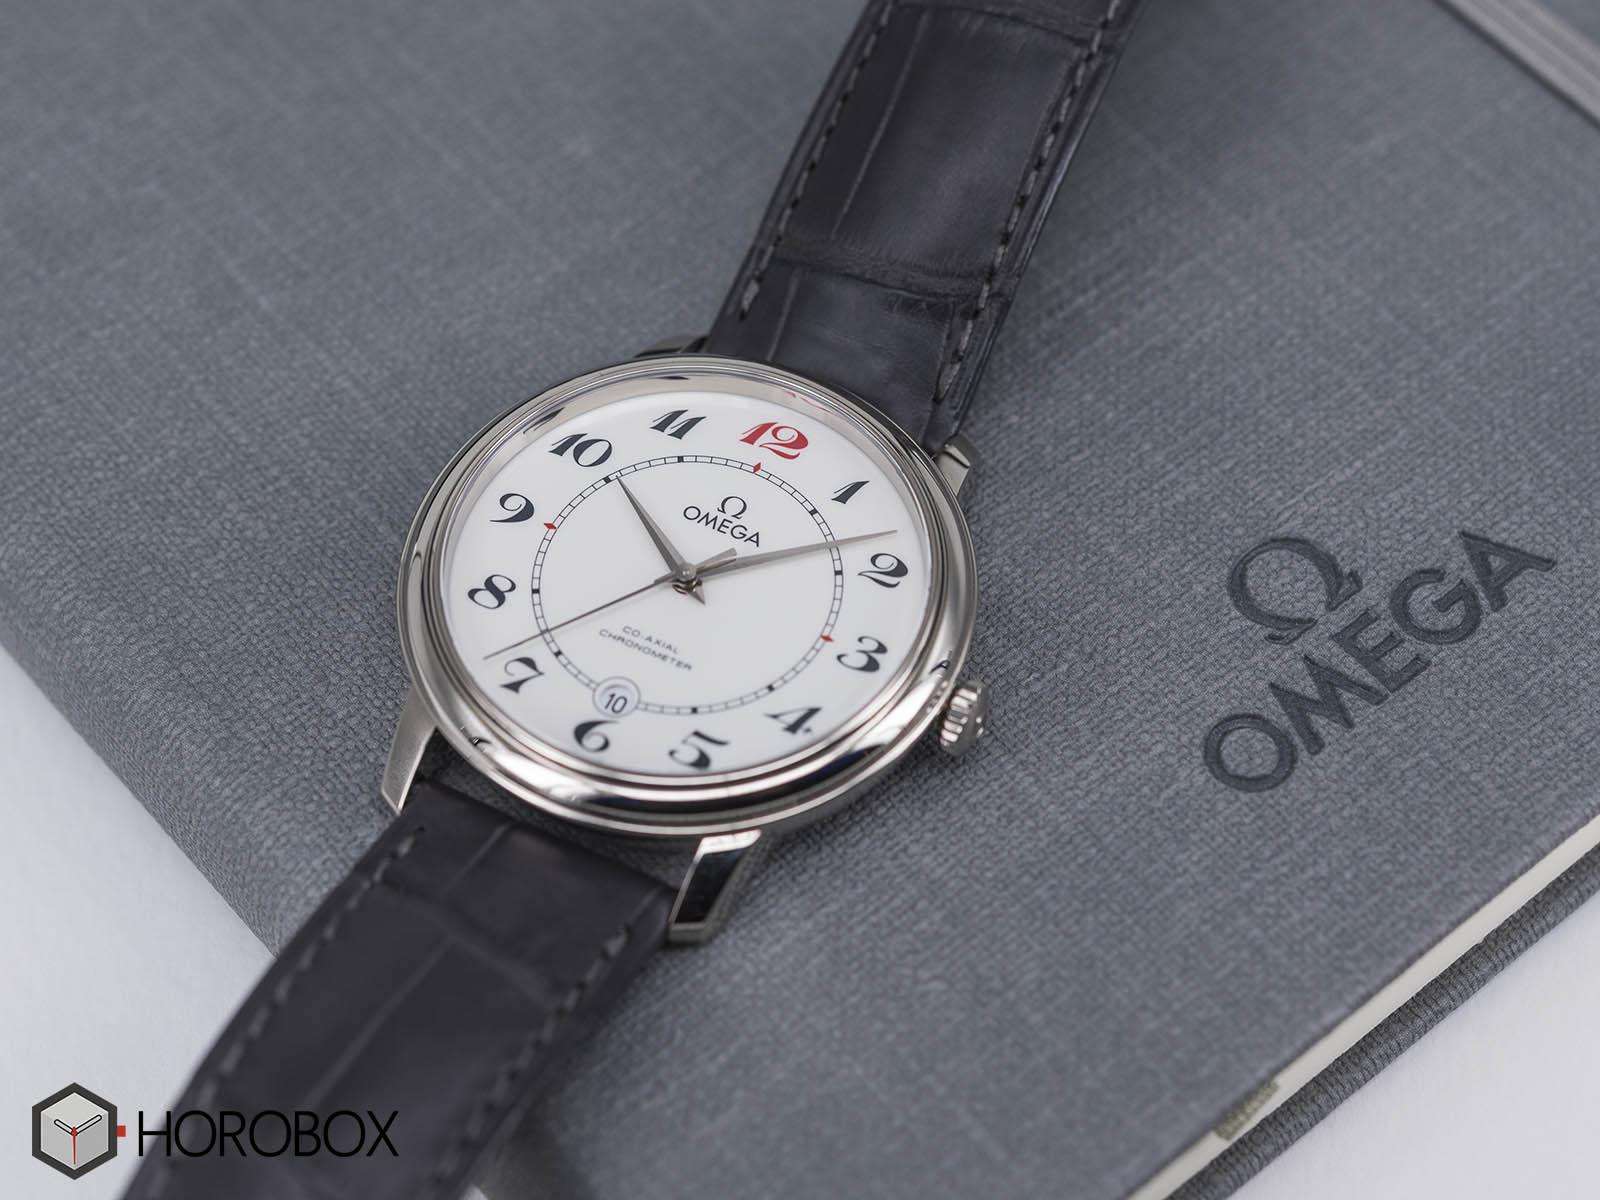 omega-de-ville-50th-424-53-40-20-04-002.jpg